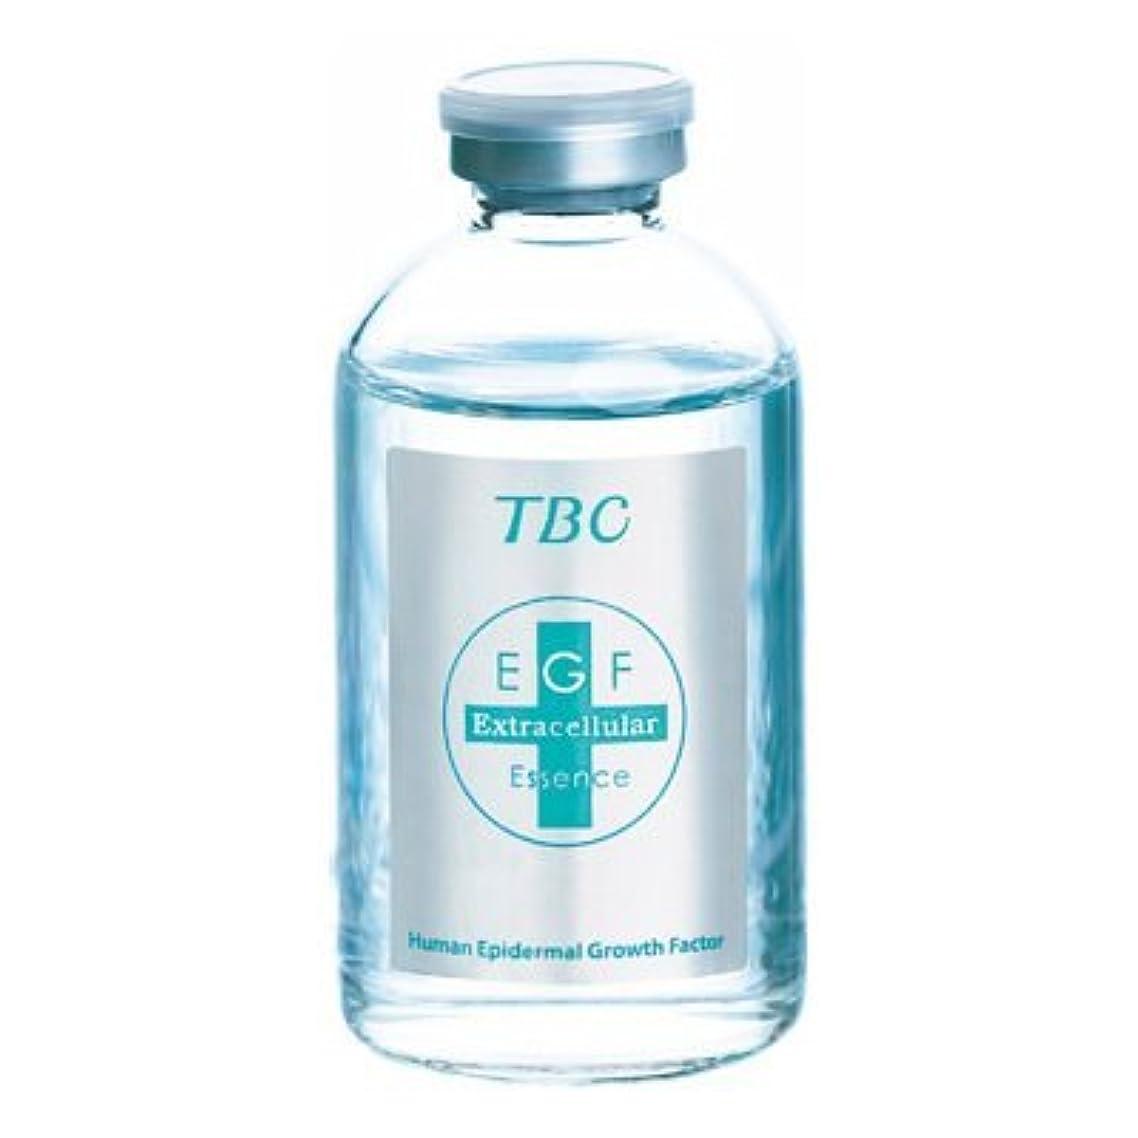 スツールテーブルを設定する確認TBC EGF エクストラエッセンス 60ml [並行輸入品]